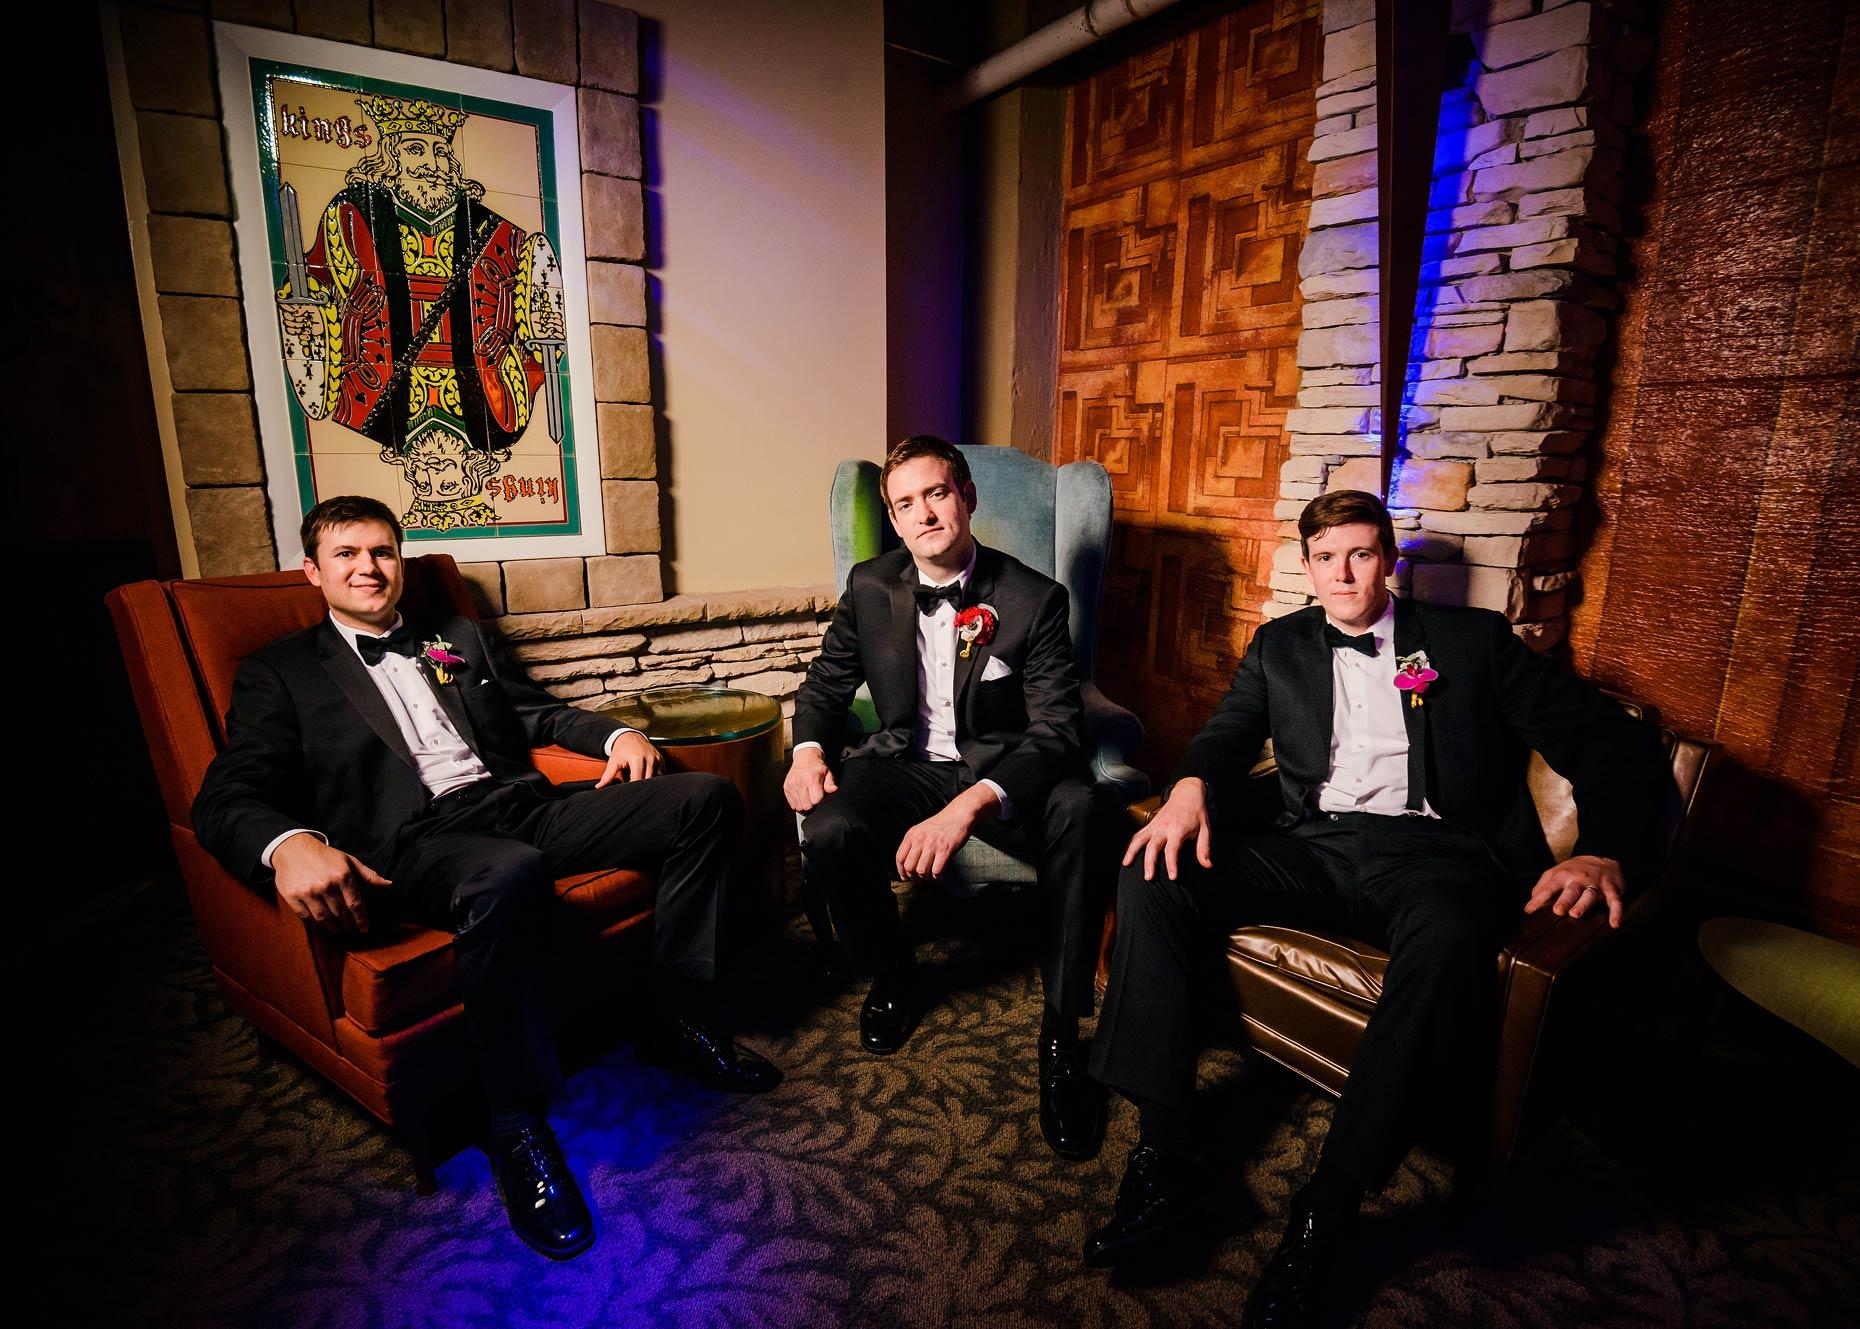 Dapper groomsmen in the underground lounge a.k.a. Speakeasy.